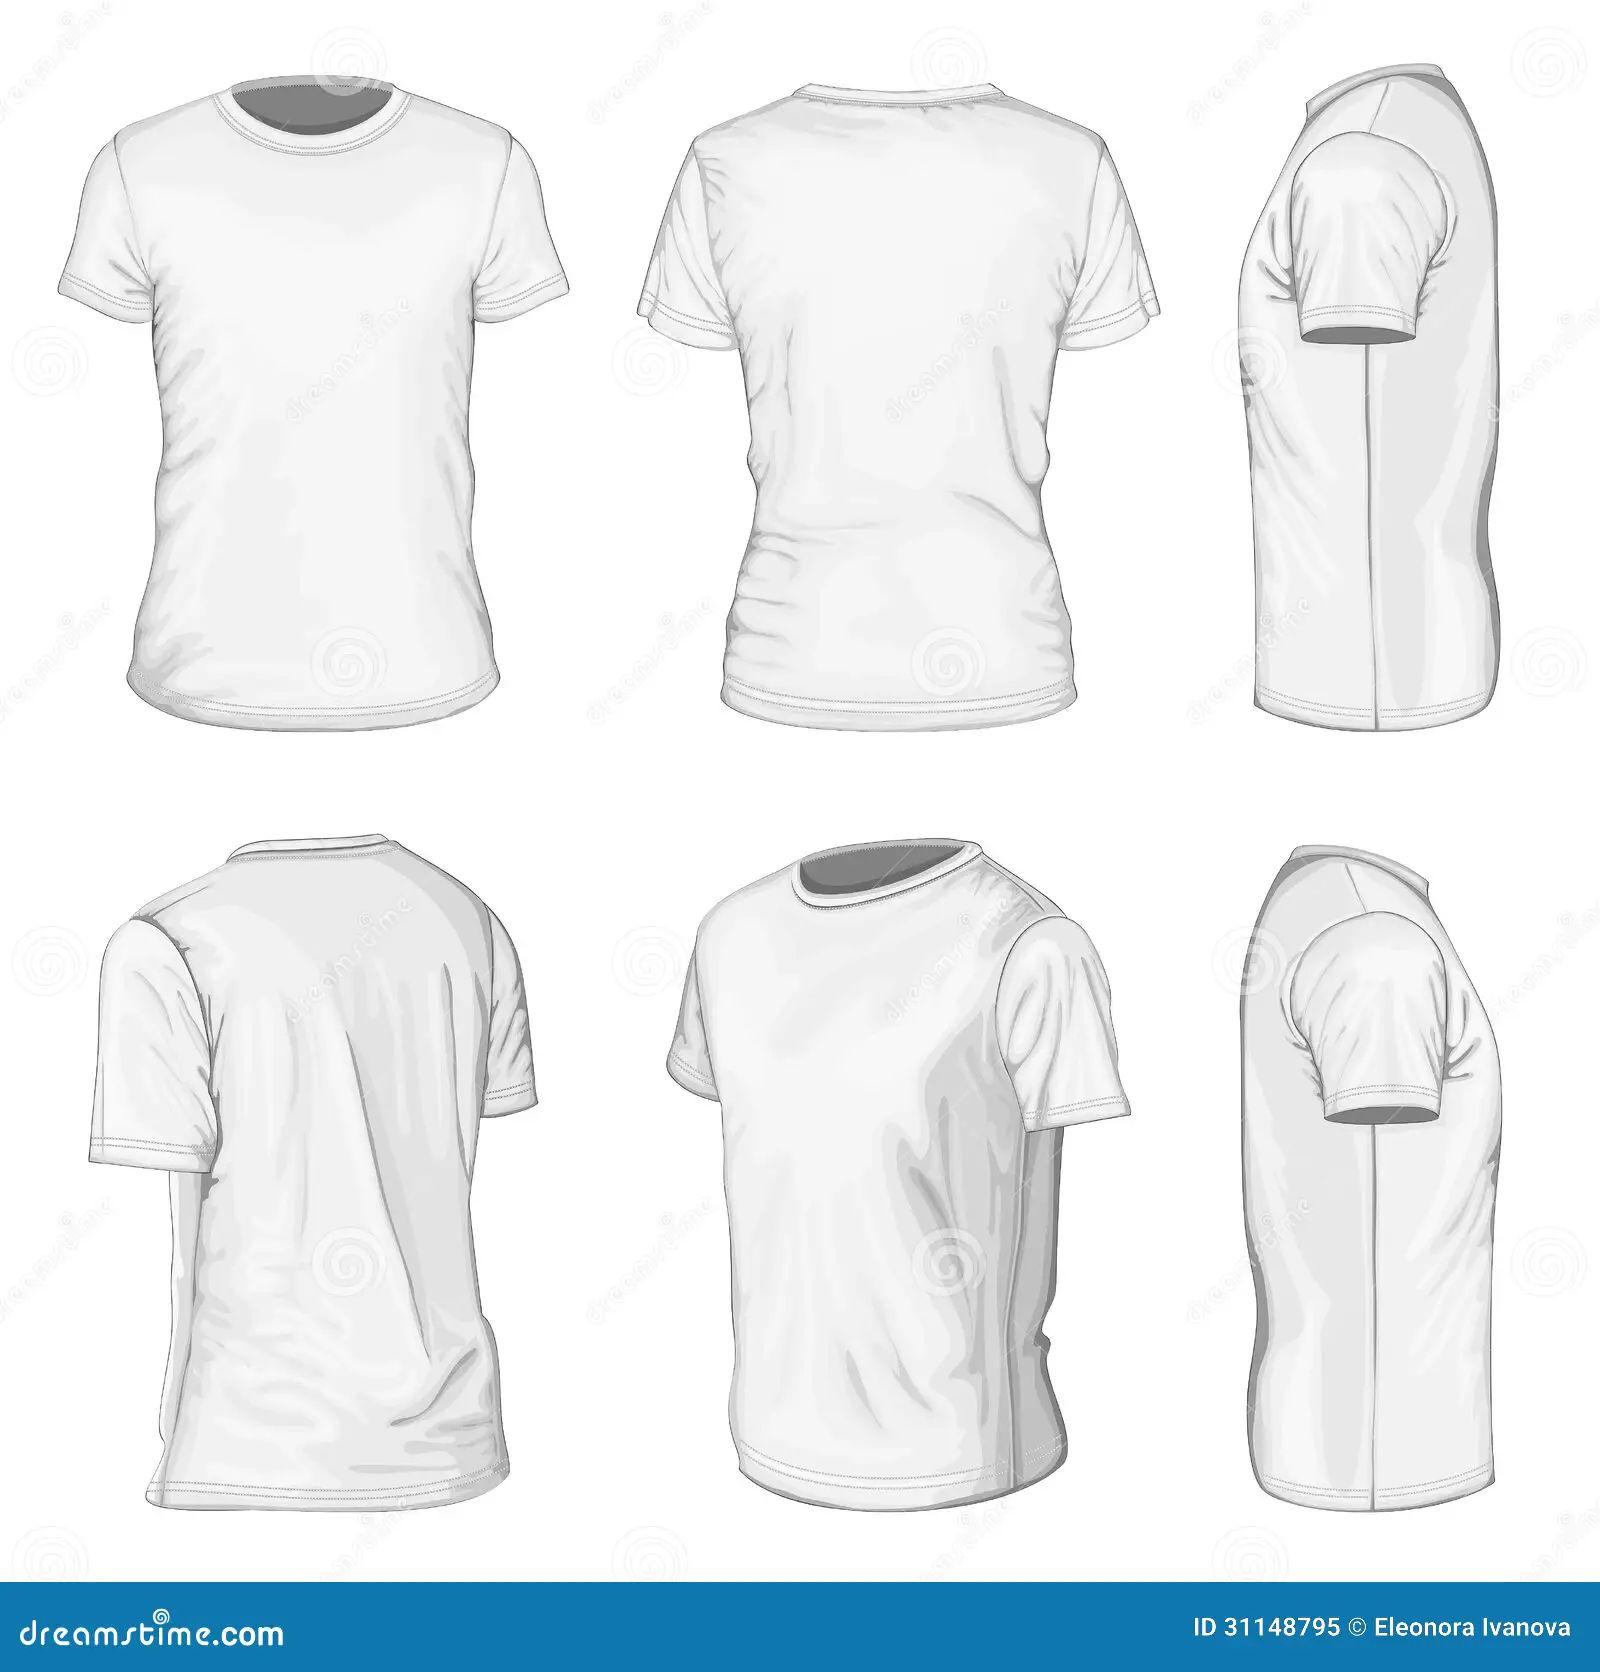 Black t shirt vector ai - Download